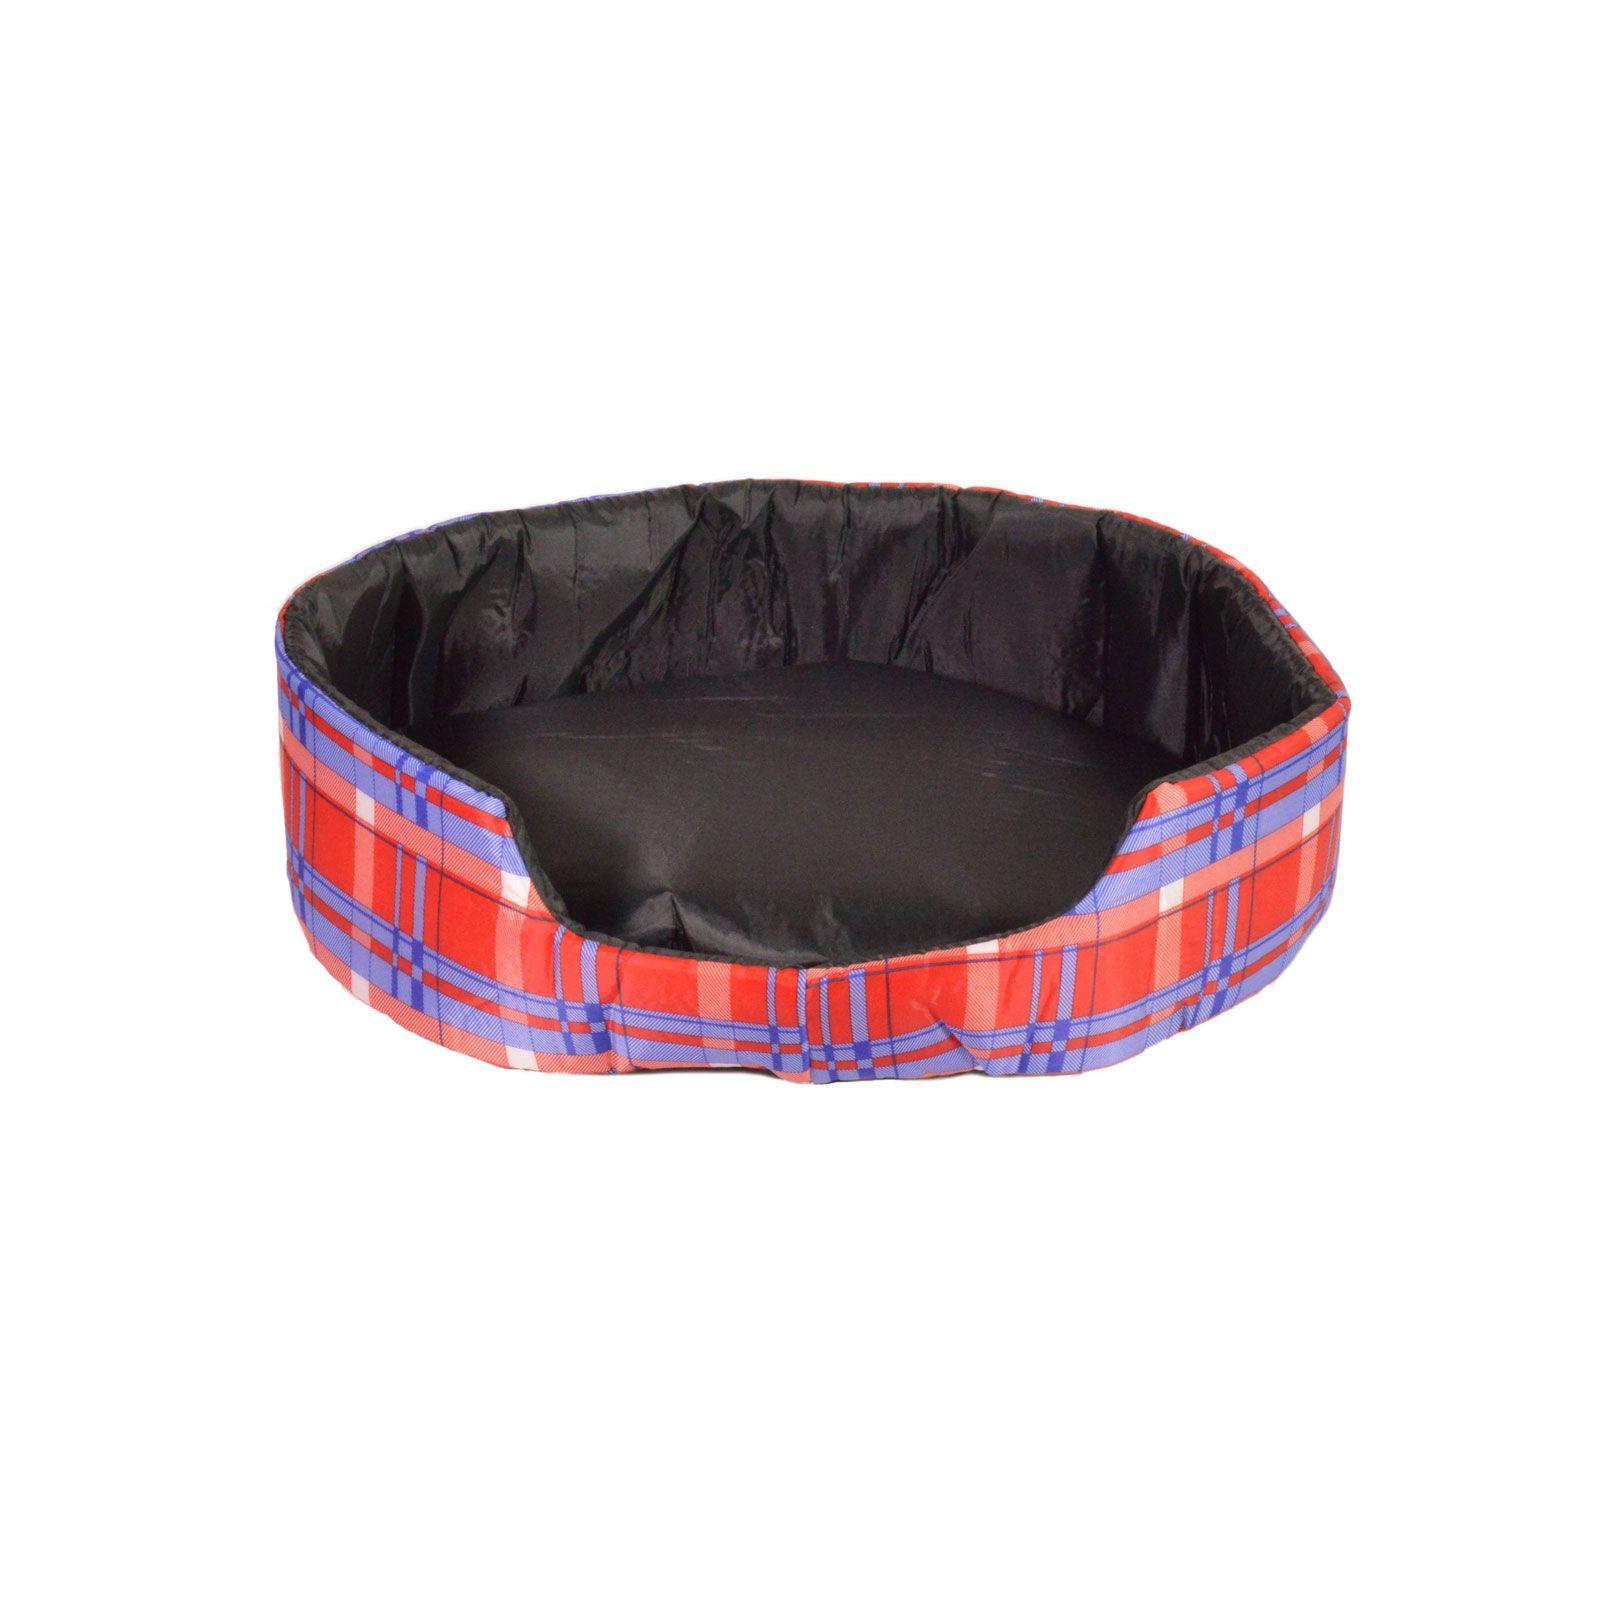 Cama para Cachorro Europa Nylon tamanho 3